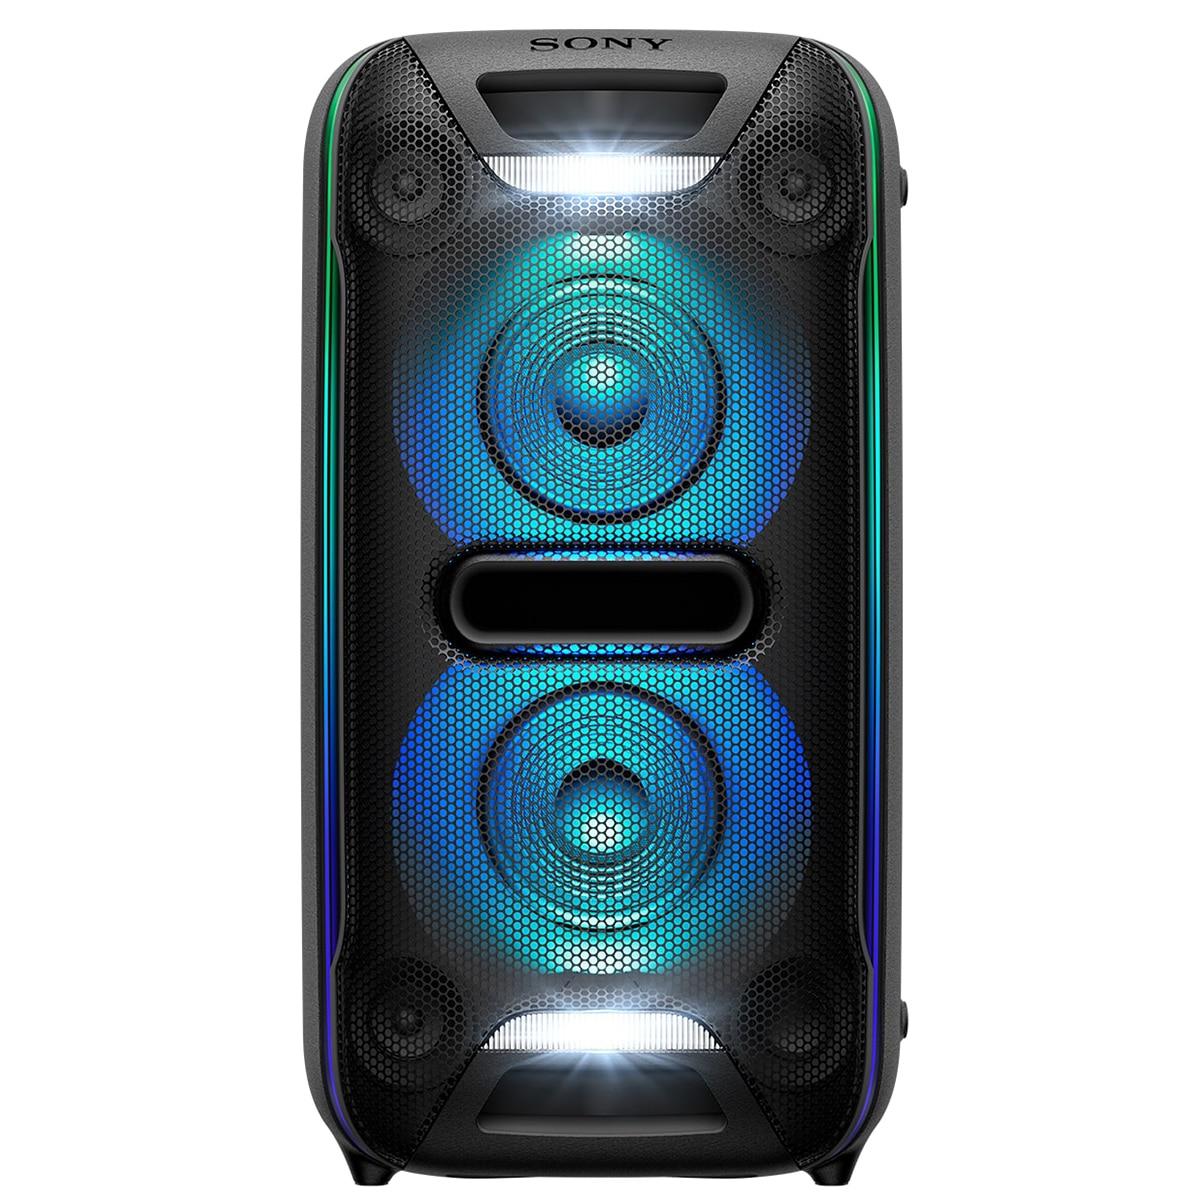 Fotografie Sistem audio High Power Sony GTKXB72, Hi-Fi, Extra Bass, Bluetooth, NFC, Wireless Party Chain, Party Light, Microfon, USB, Negru